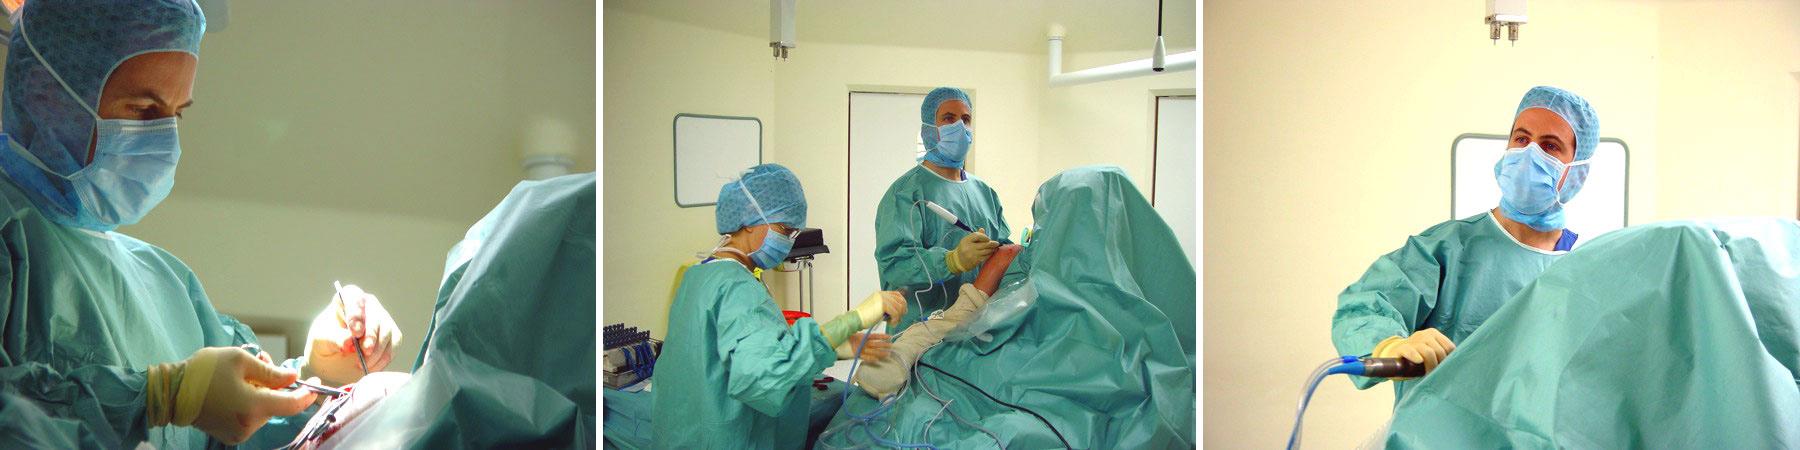 Andrew Irwin Surgery 1